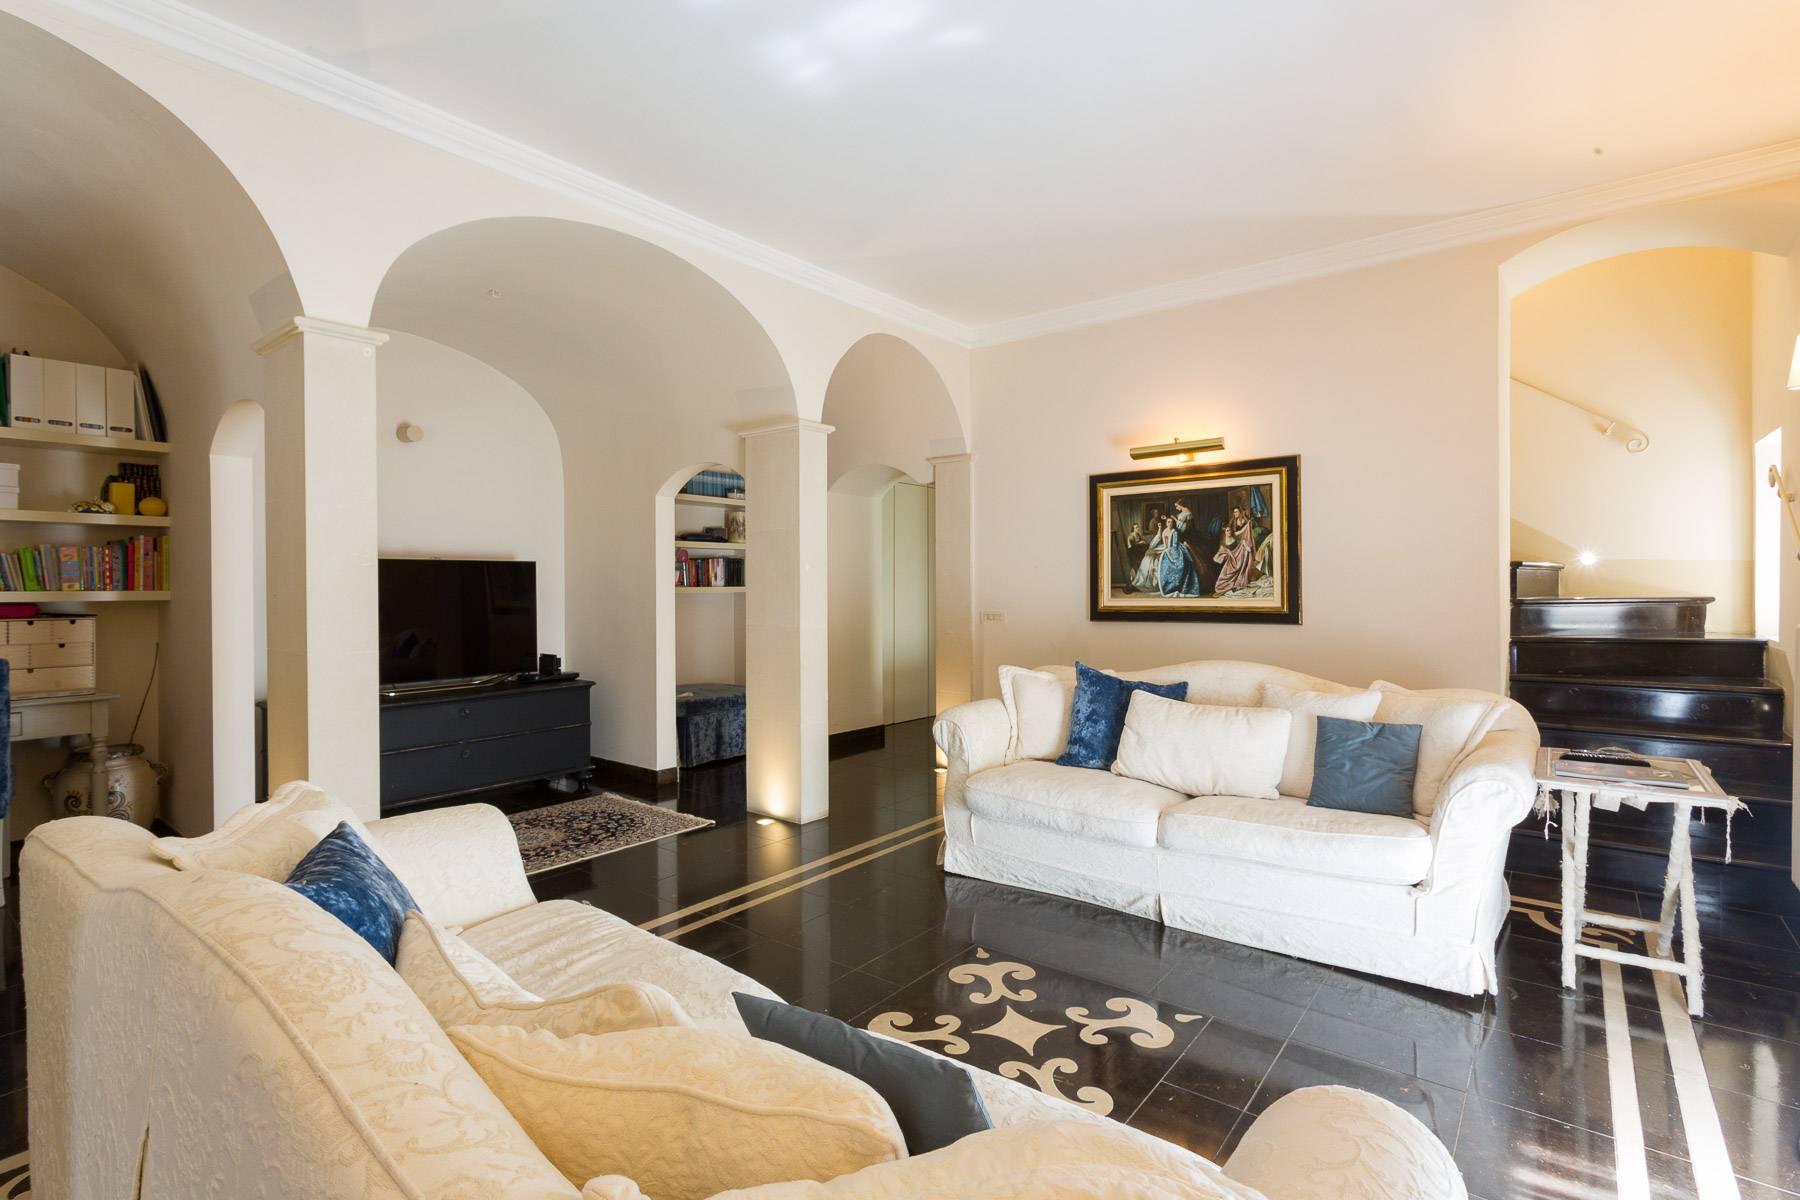 Casa indipendente in Vendita a Ragusa: 5 locali, 200 mq - Foto 4